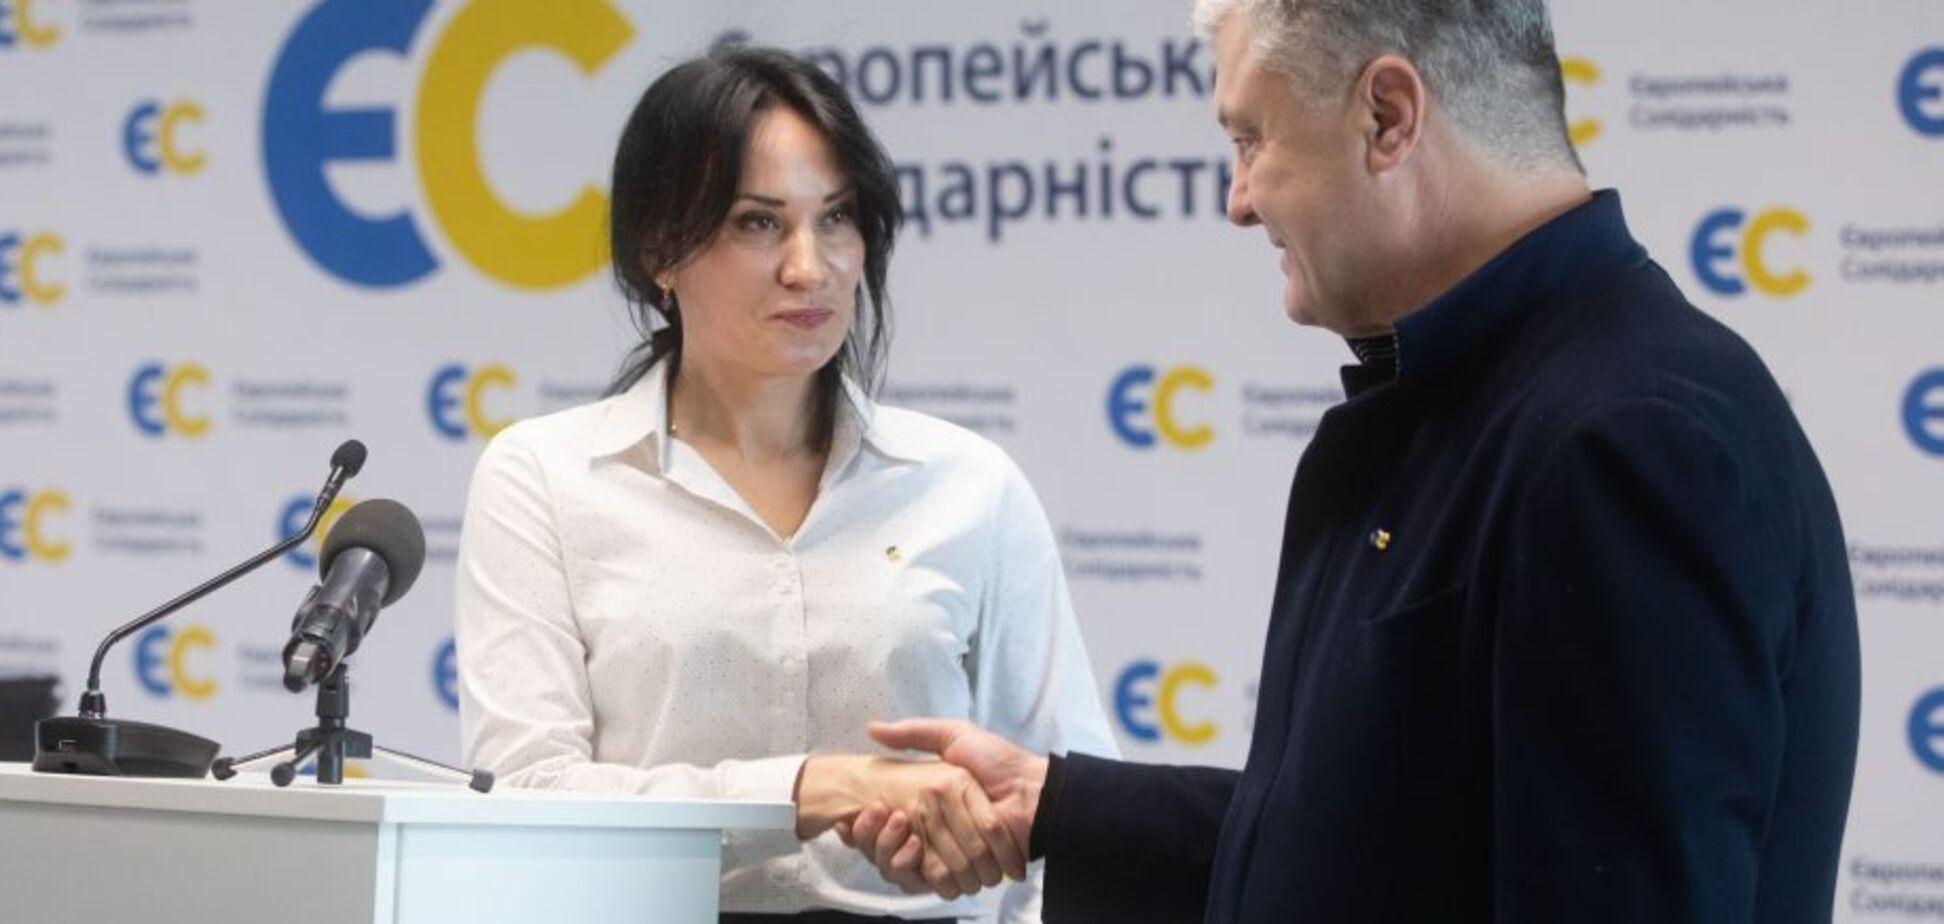 Марусю Зверобой выдвинули кандидатом на выборах народного депутата в Ивано-Франковске